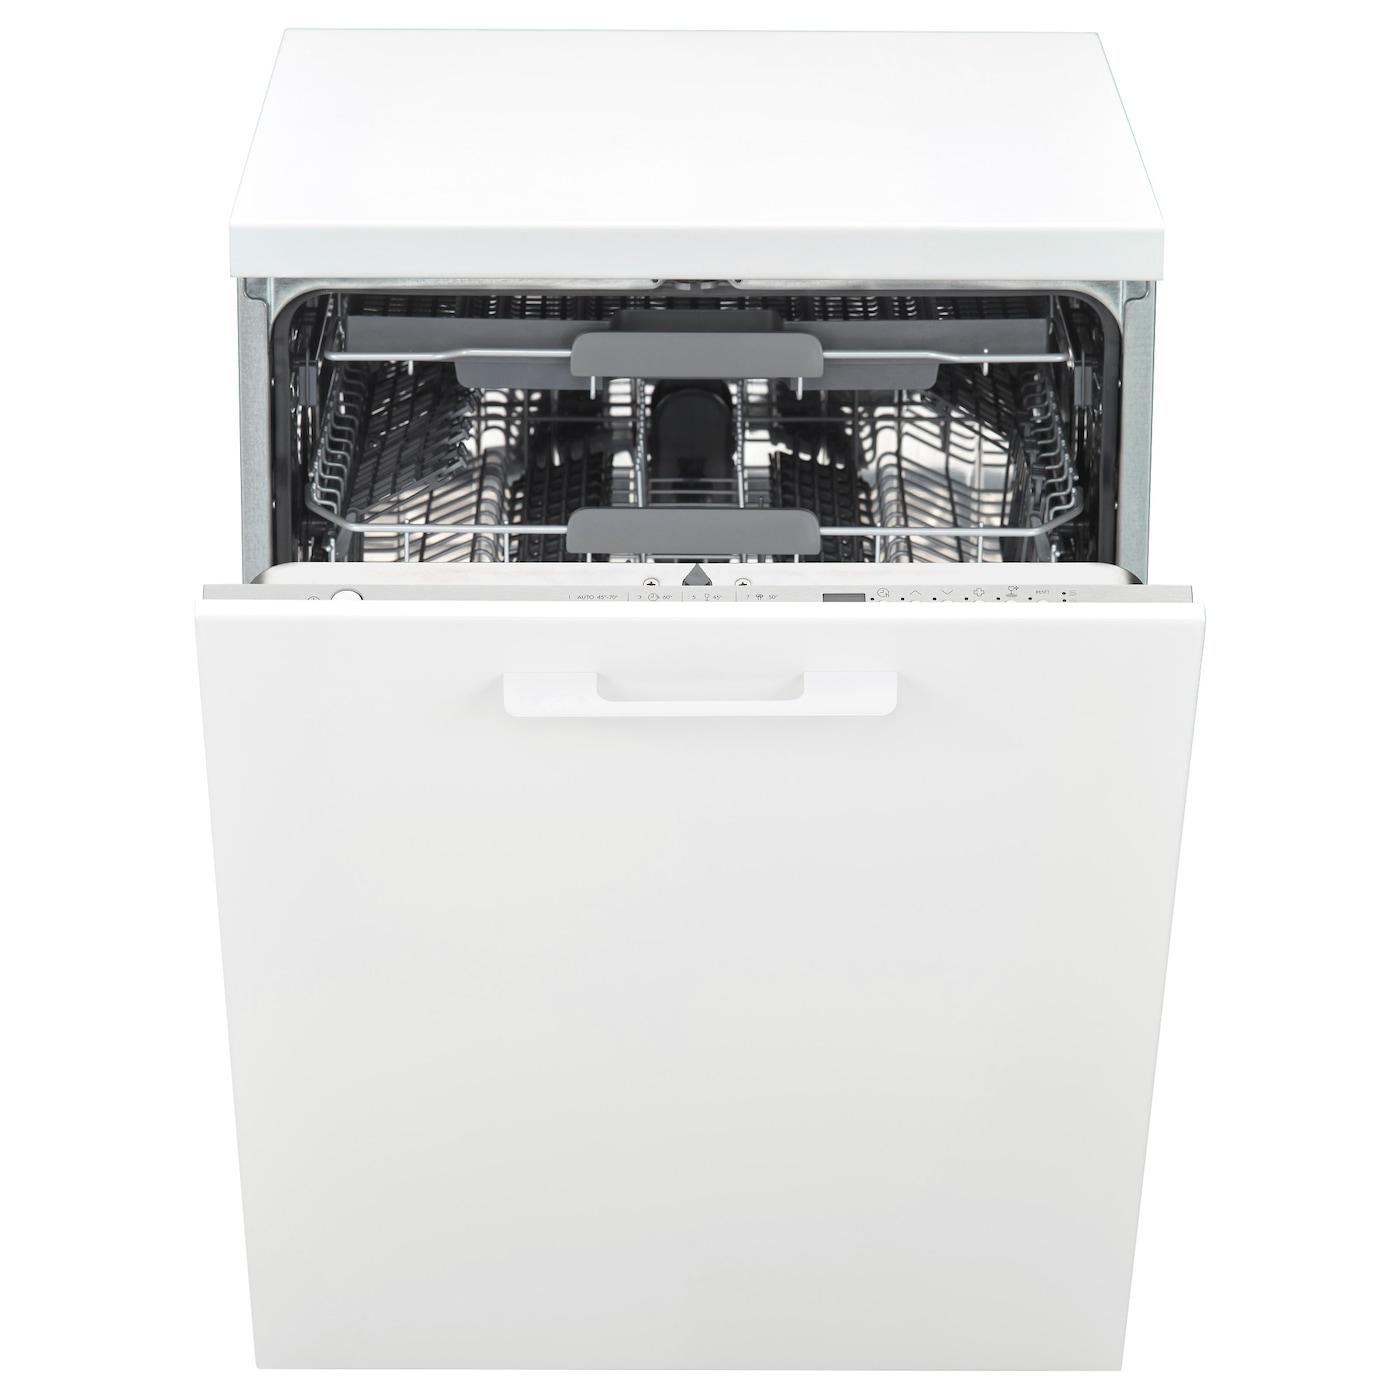 HYGIENISK | Küche und Esszimmer > Küchenelektrogeräte > Spülmaschinen | IKEA